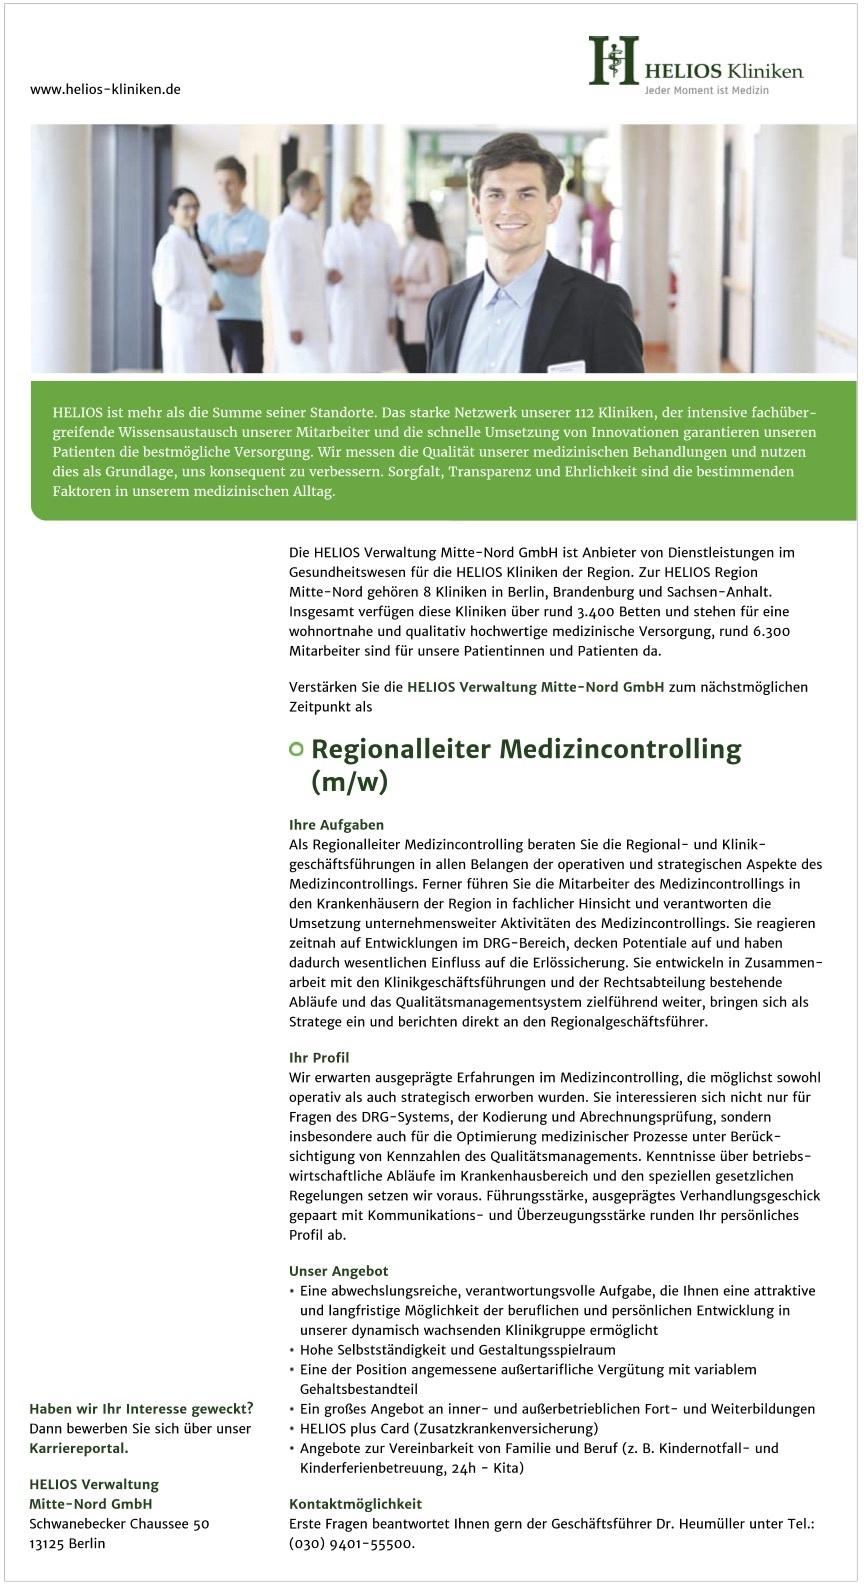 Regionalleiter Medizincontrolling (m/w)